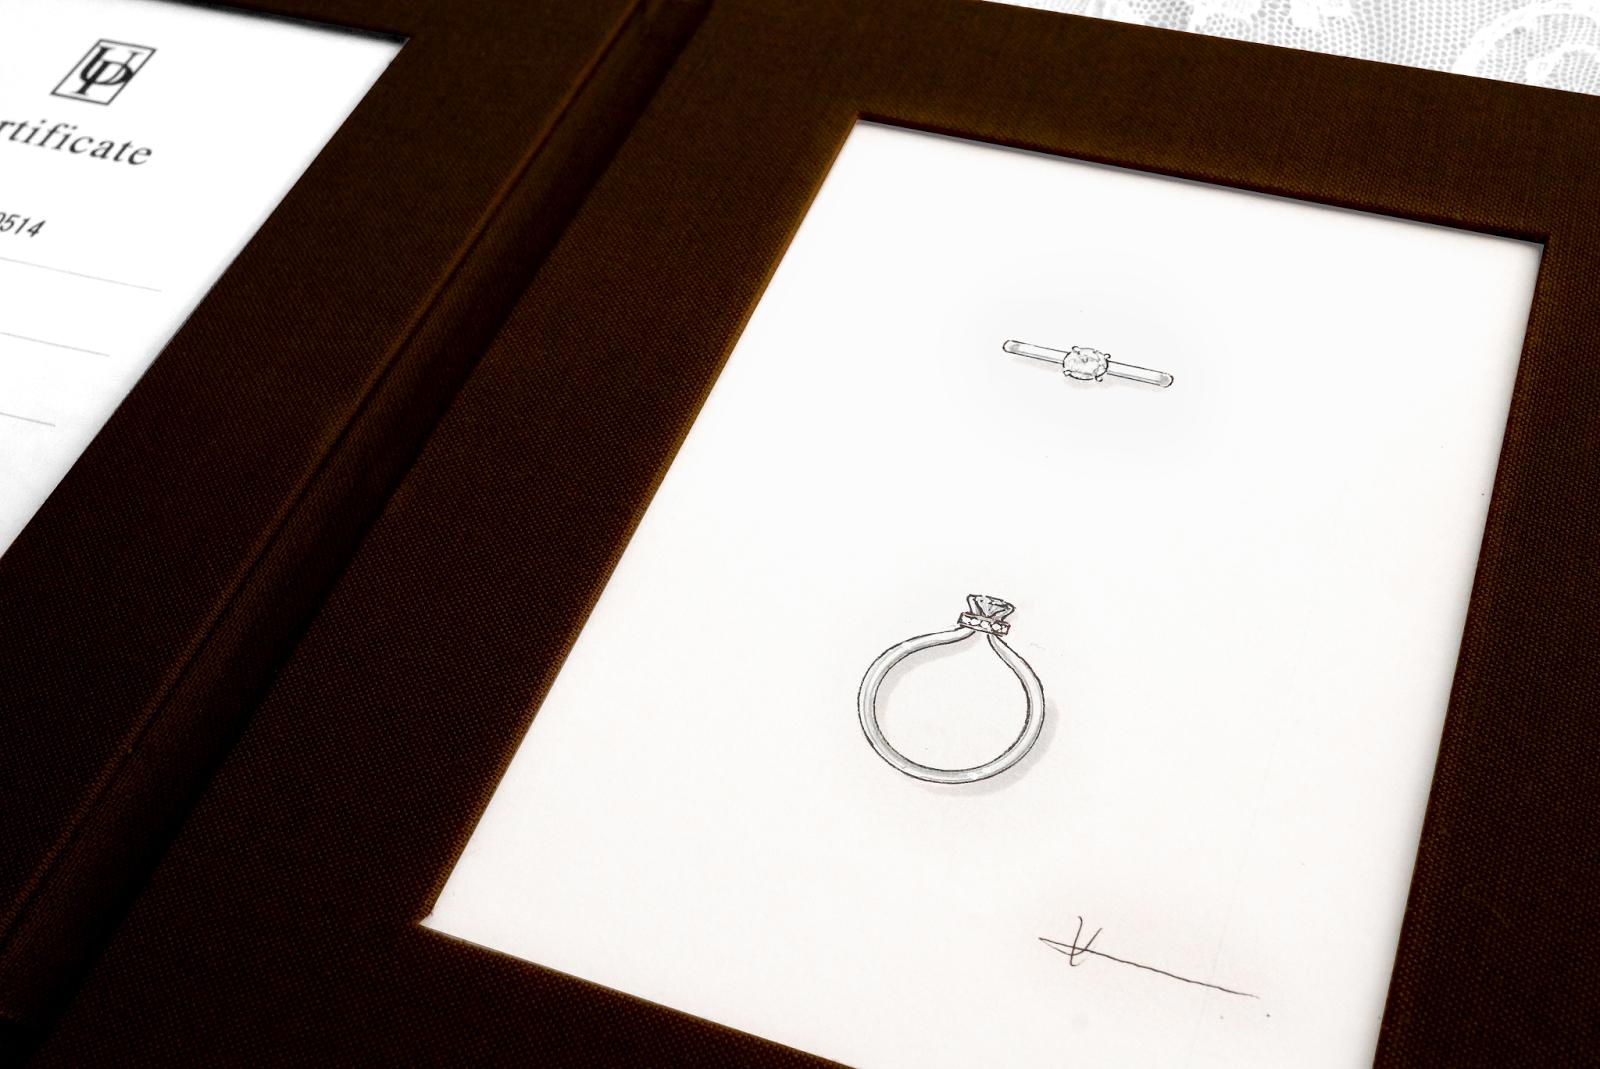 リフォーム(リスタイル)したエンゲージリング(婚約指輪)のデザイン画をプレゼント。